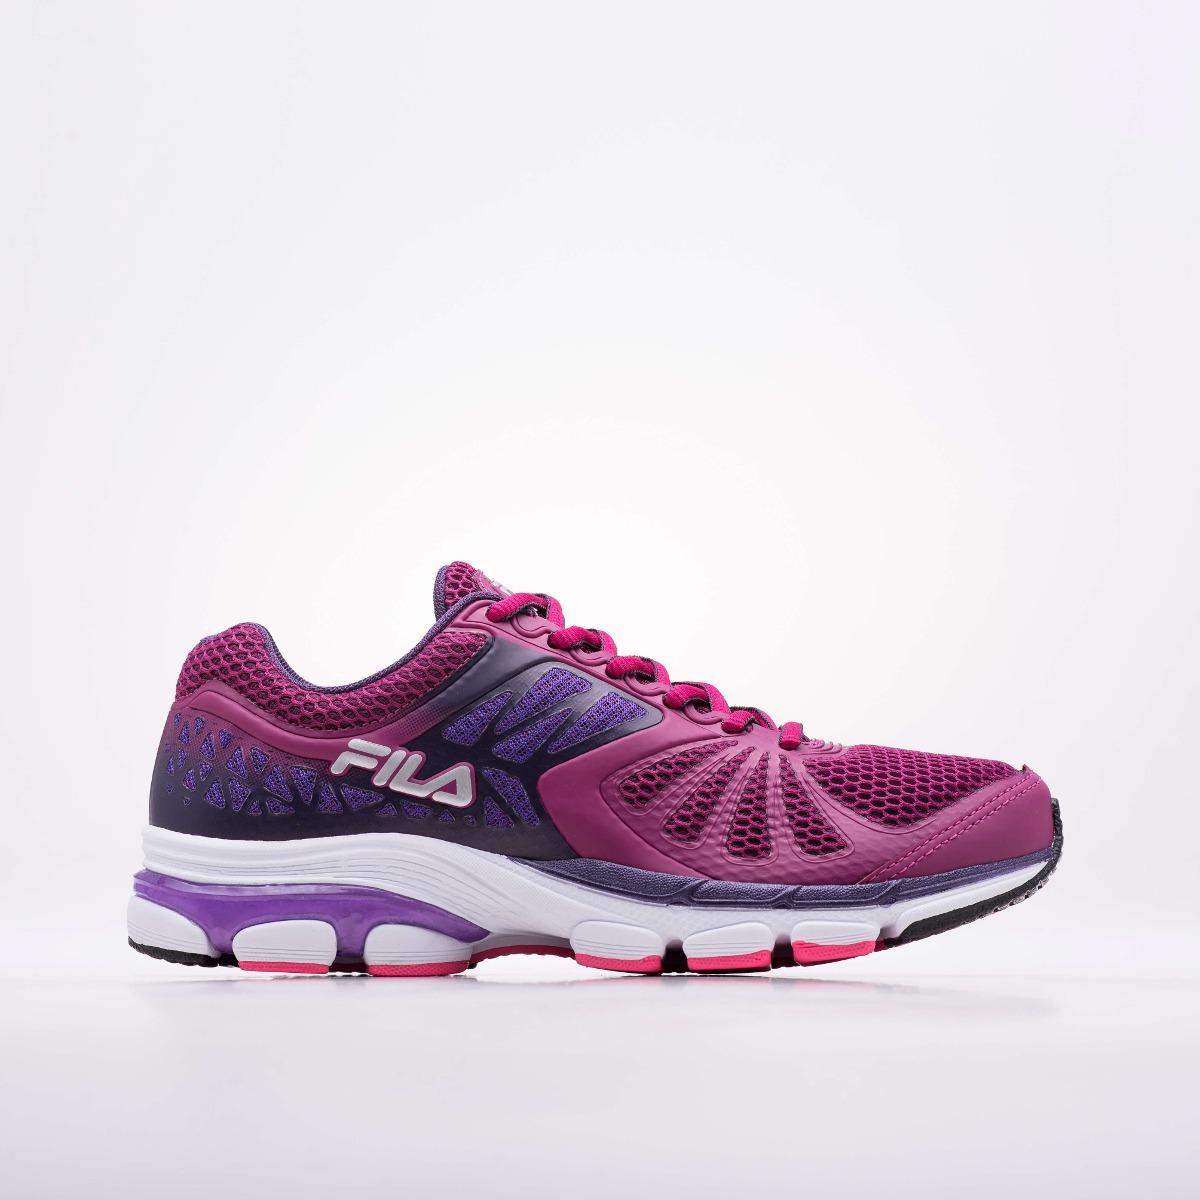 40d955b648 Zapatillas Running Y Fitness Mujer Fila Pulse 2.0 - $ 1.745,00 en ...